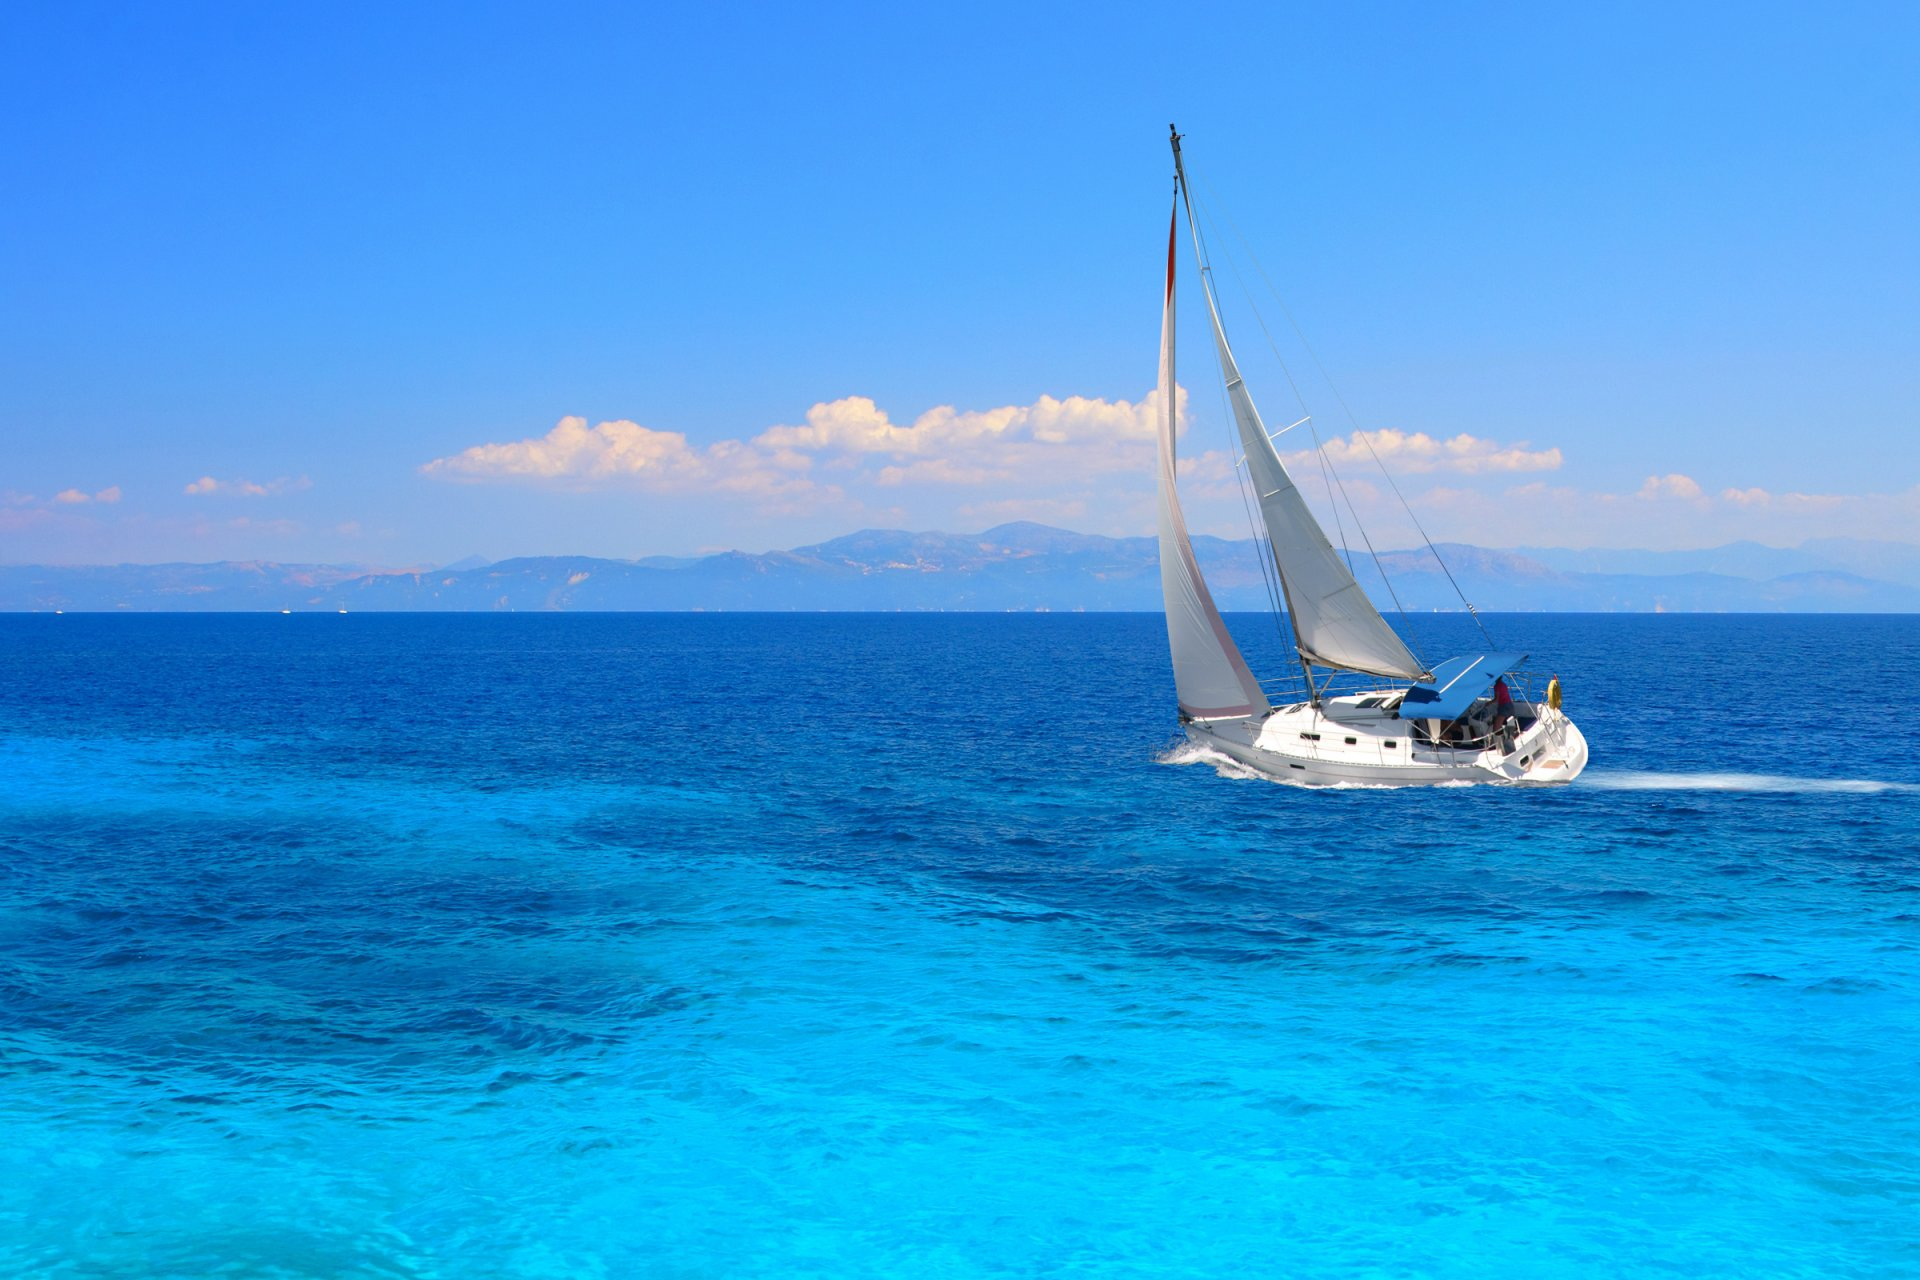 Картинки с яхтой на море